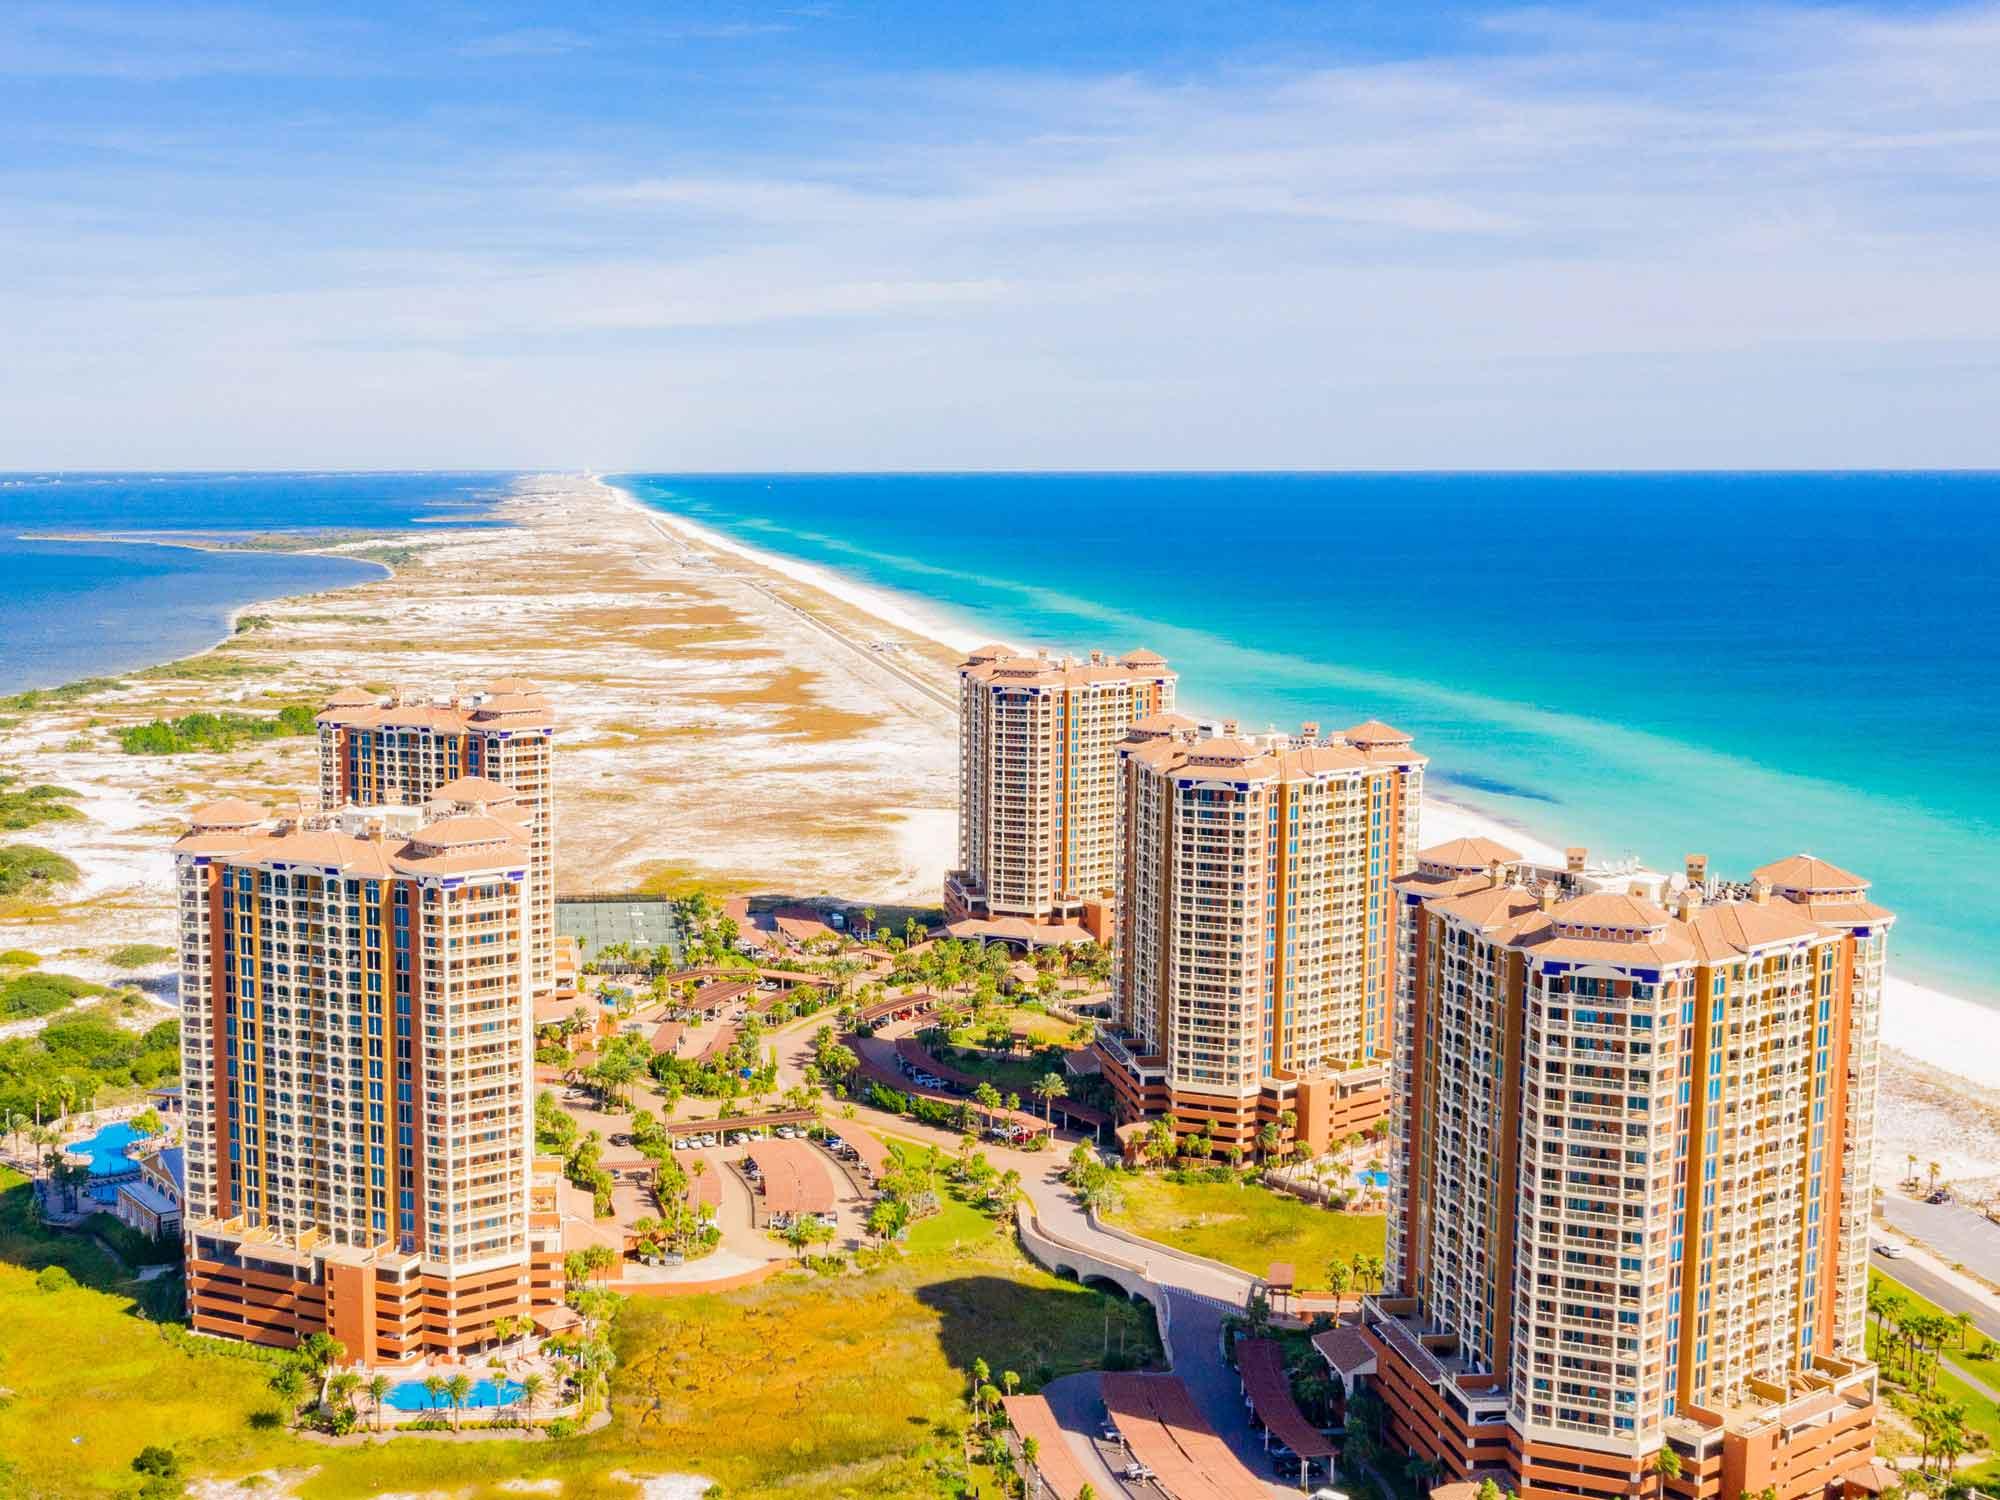 Pensacola Beach, Florida Condo Rentals by Southern